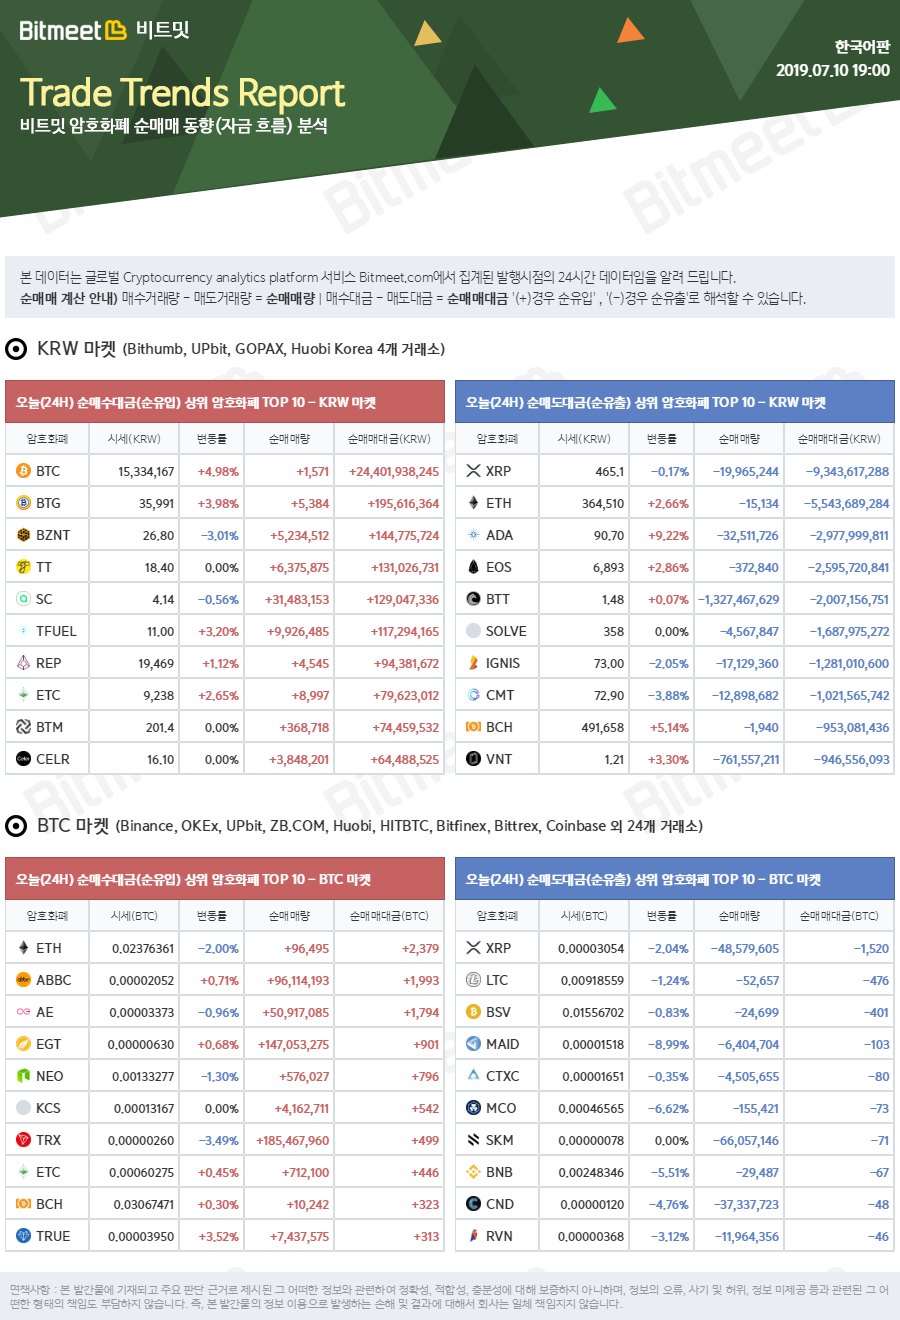 bitmeet_trends_report_2019-07-10_07_00_05.png